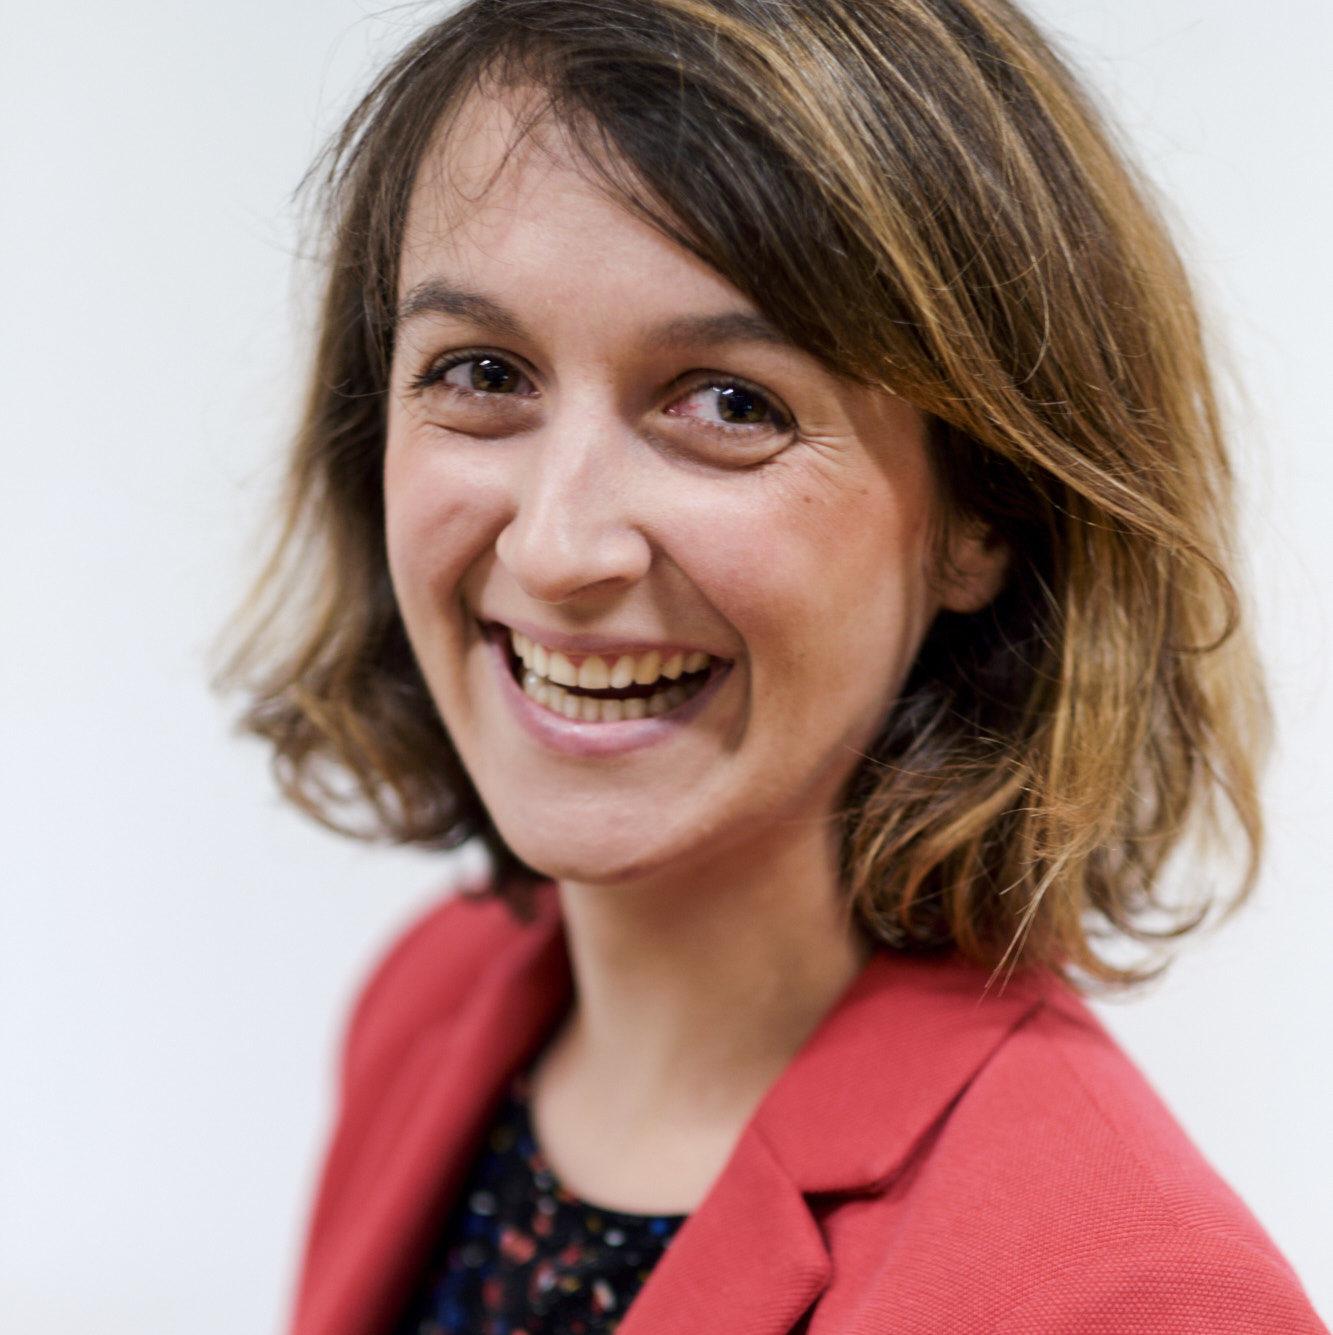 Mathilde Meurer